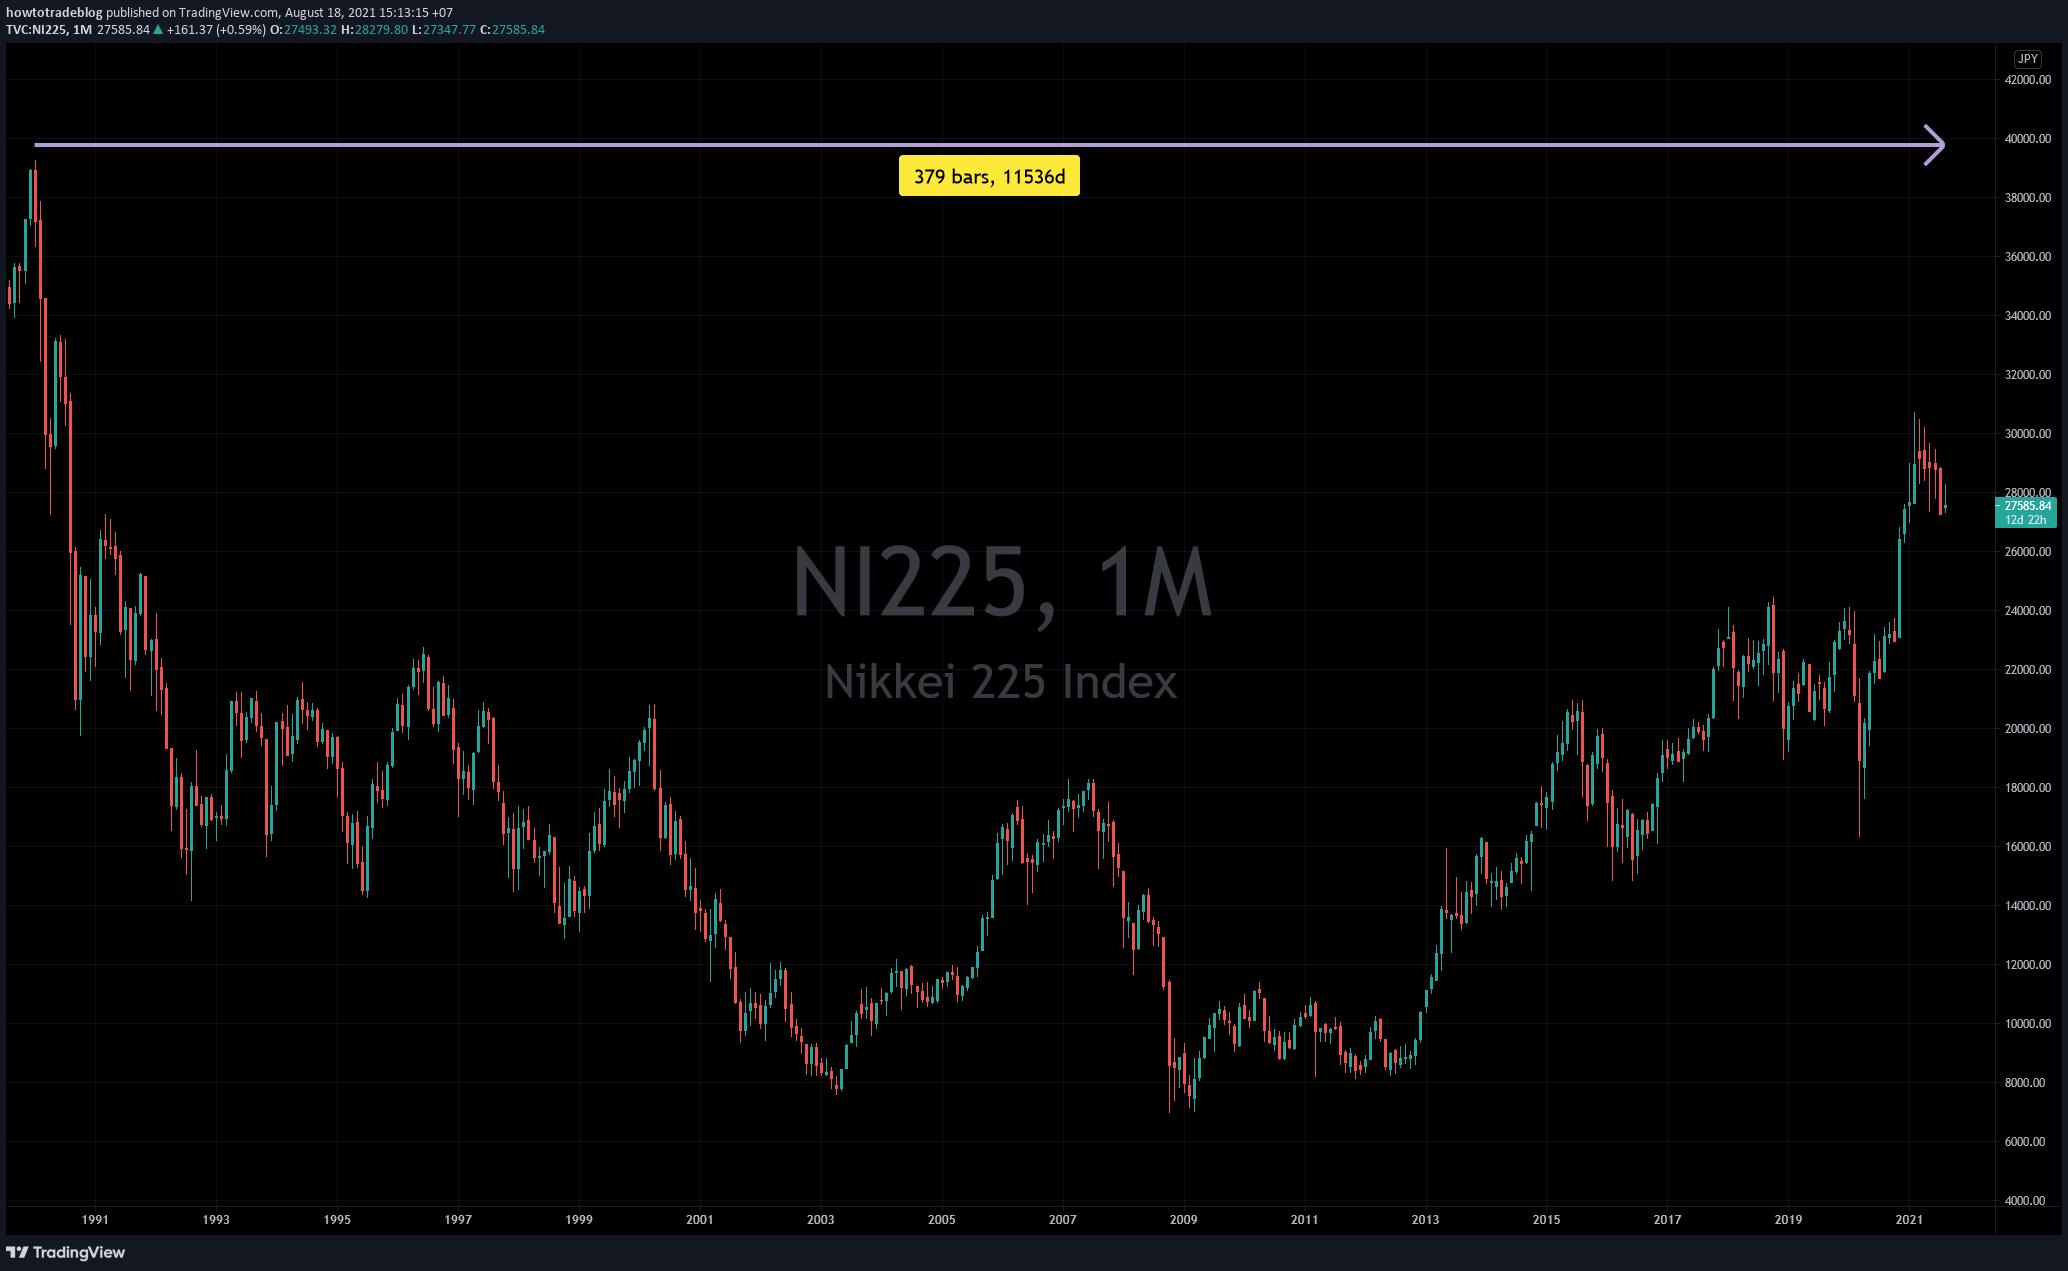 Chỉ số Nikkei từ 1990 đến nay